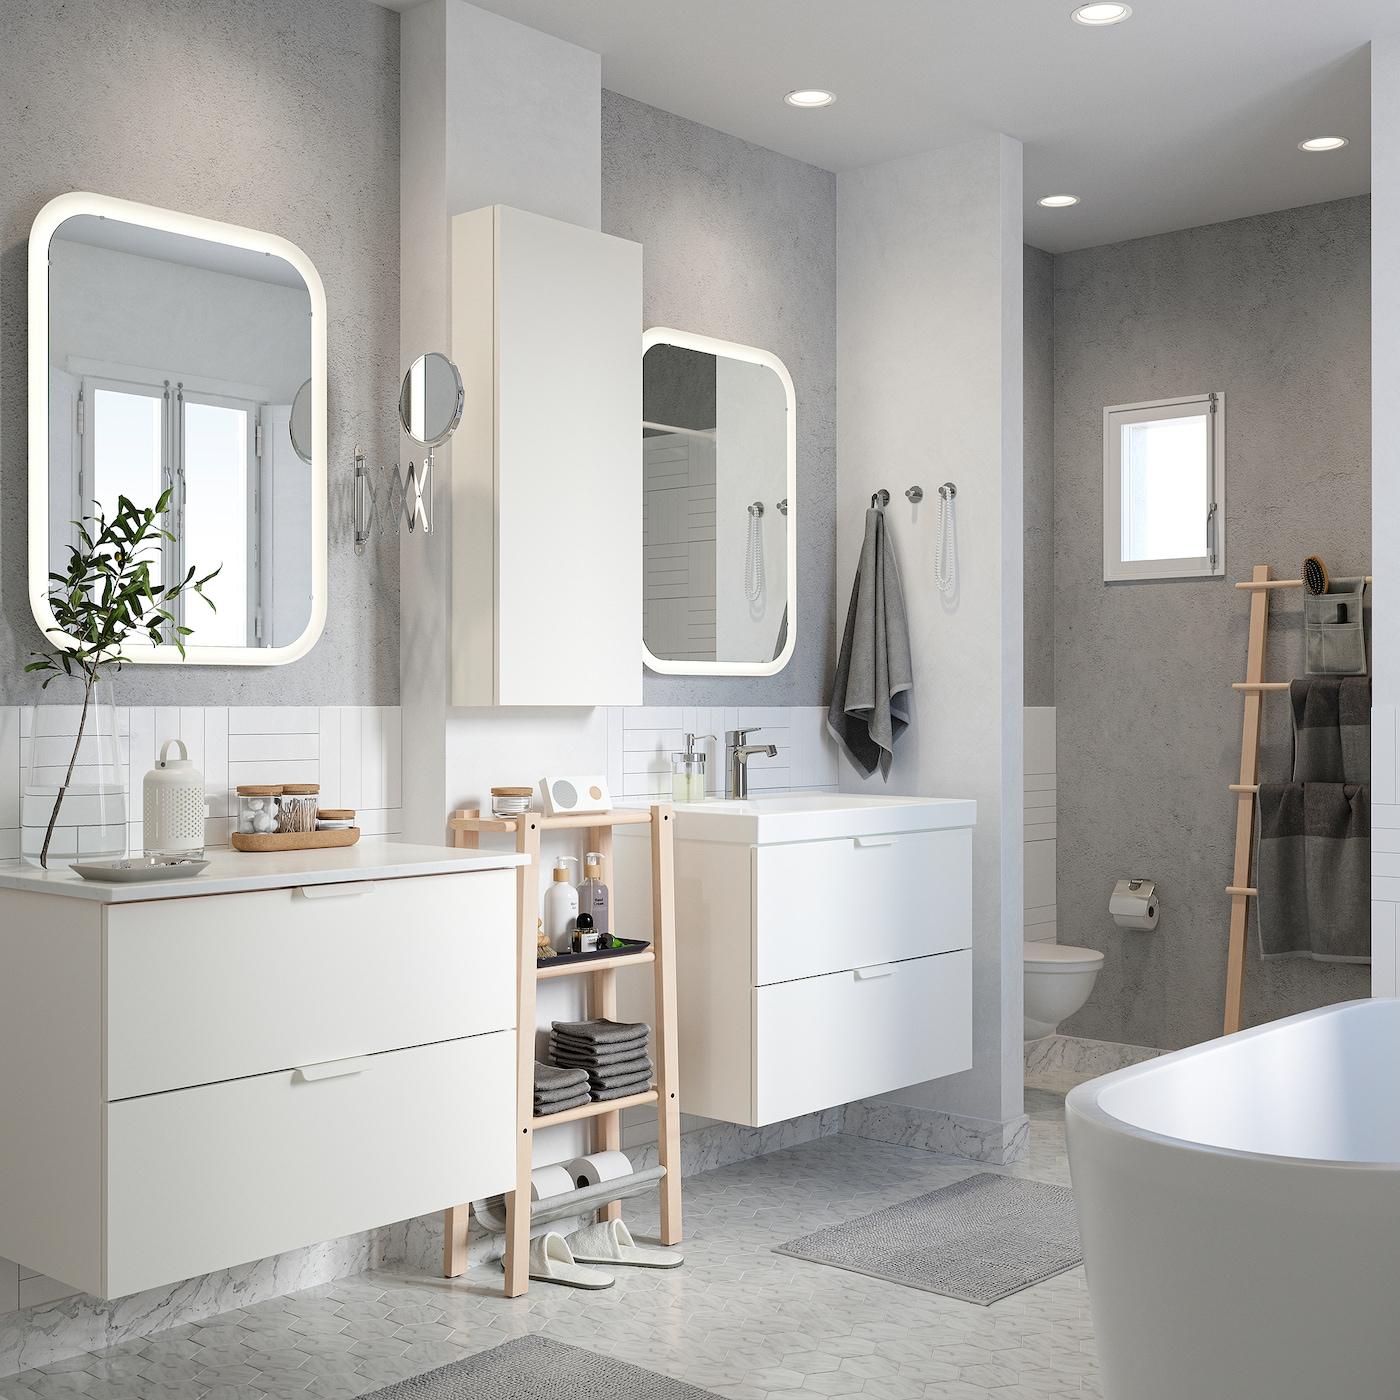 Krispigt vitt badrum med två kommoder, två speglar med integrerad belysning samt badrumsmattor och handdukar i grått.